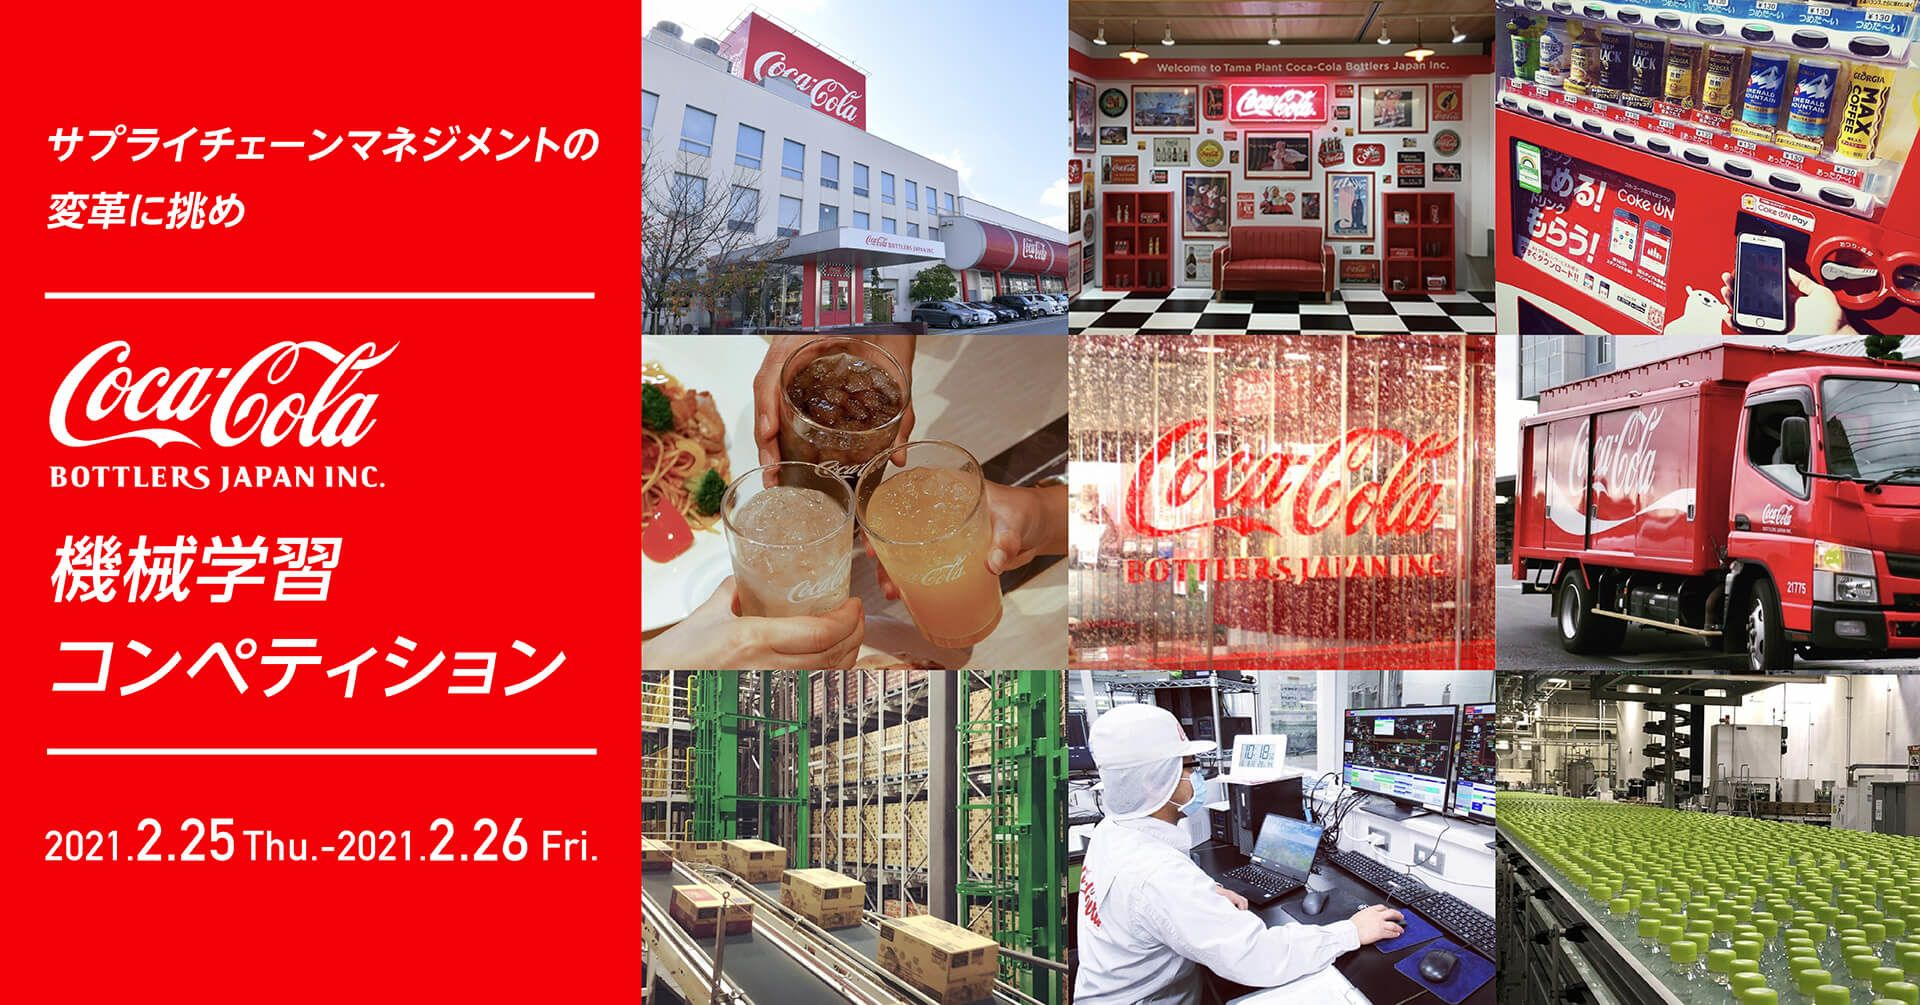 コカ・コーラ ボトラーズジャパンと学ぶ、サプライチェーンマネジメントを変革する機械学習コンペティション